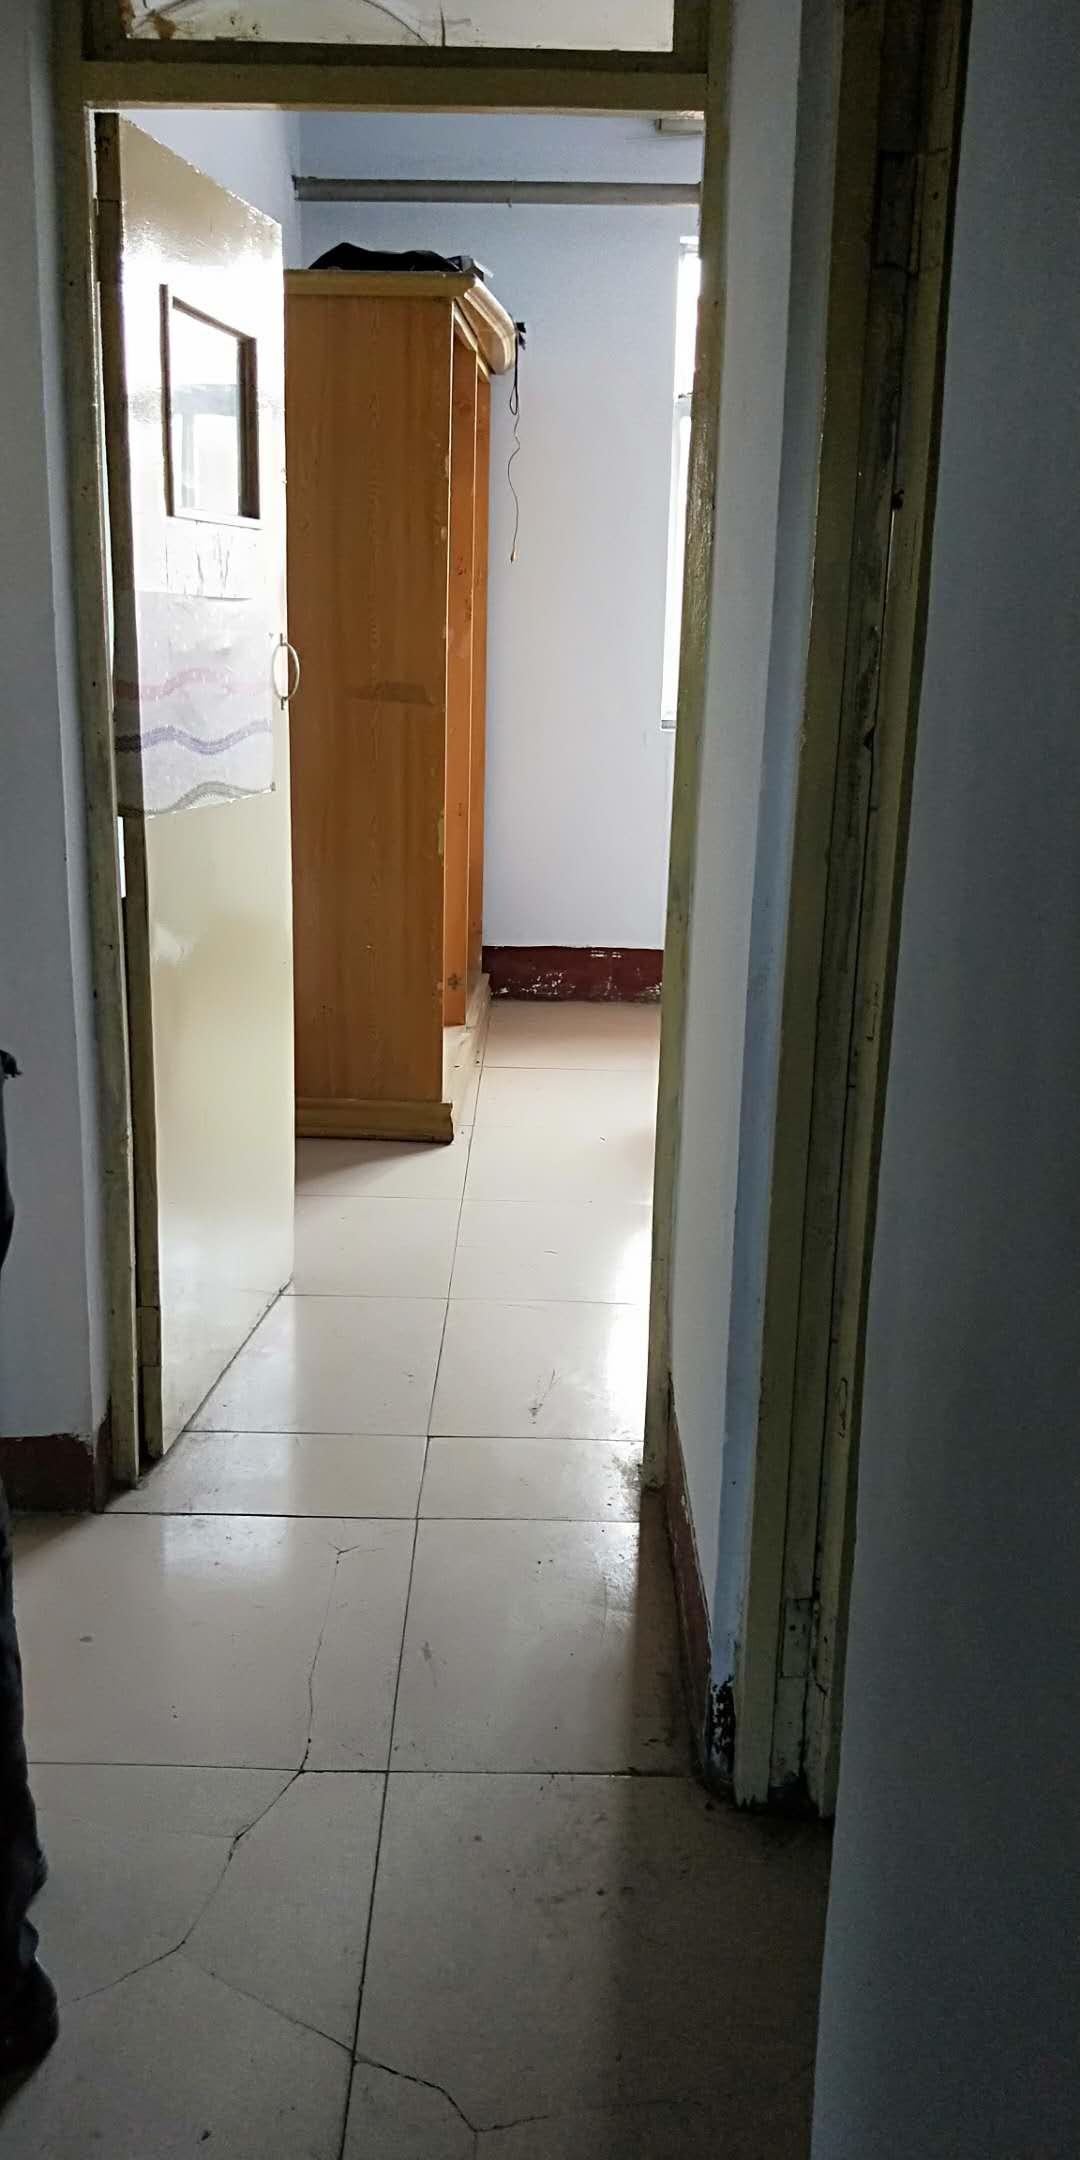 二棉宿舍 1室1厅 双证齐全 简装 45万房型图